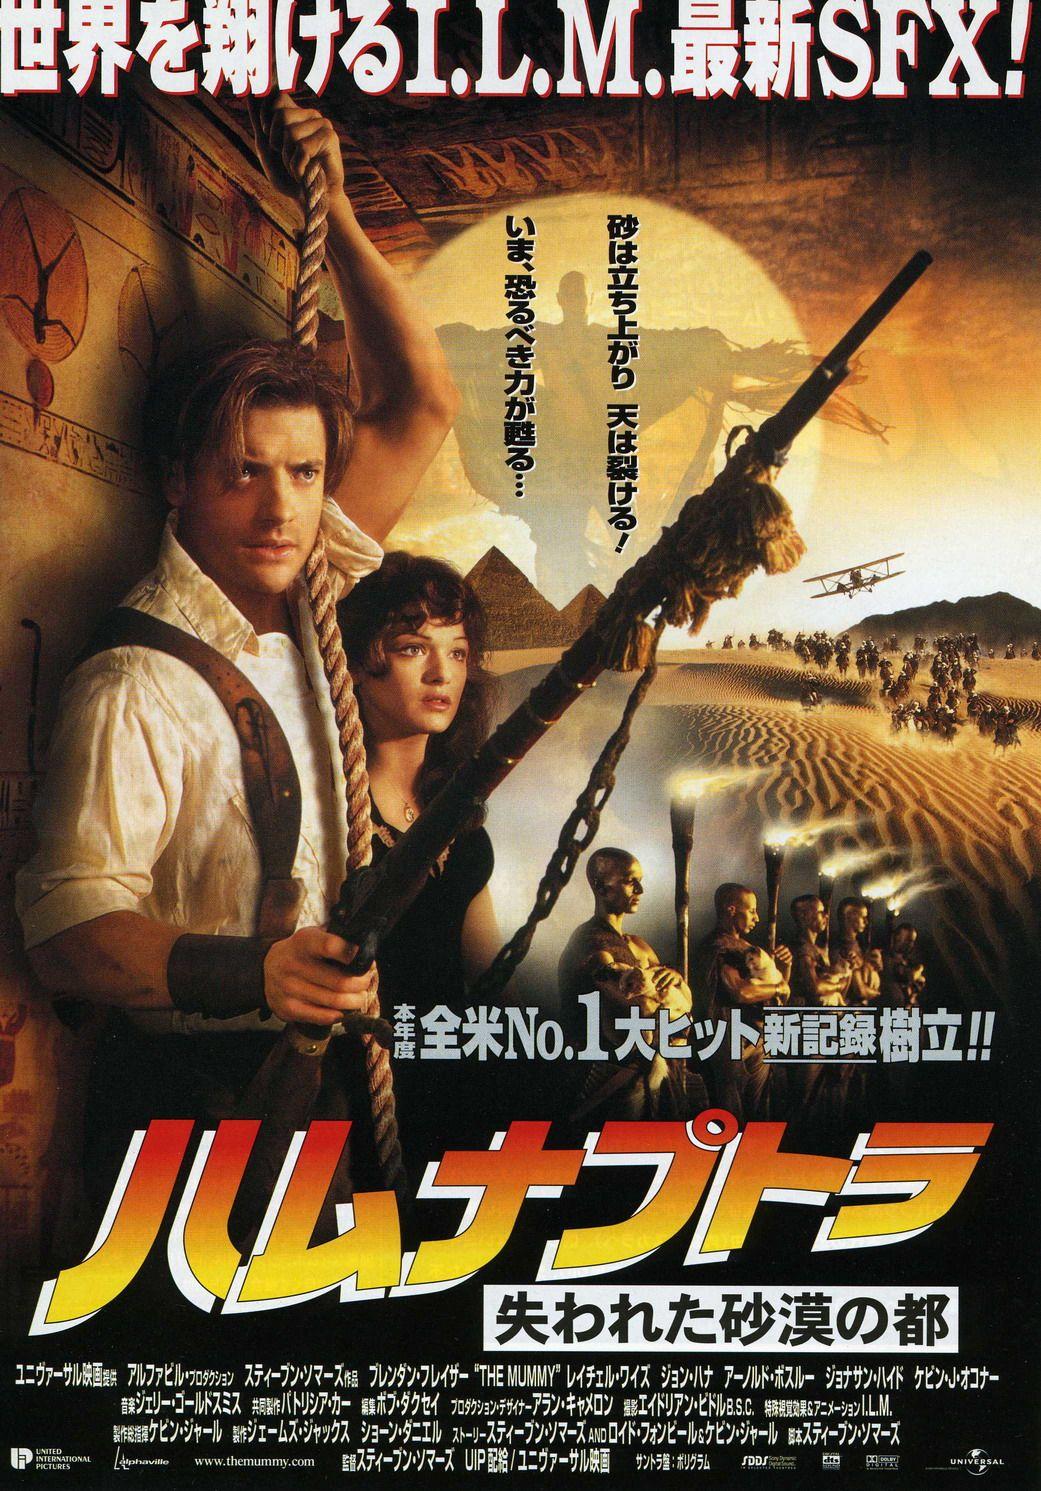 ハムナプトラ・失われた砂漠の都。[Hamunaptra. The Lost City in the Desert] Aka, The Mummy